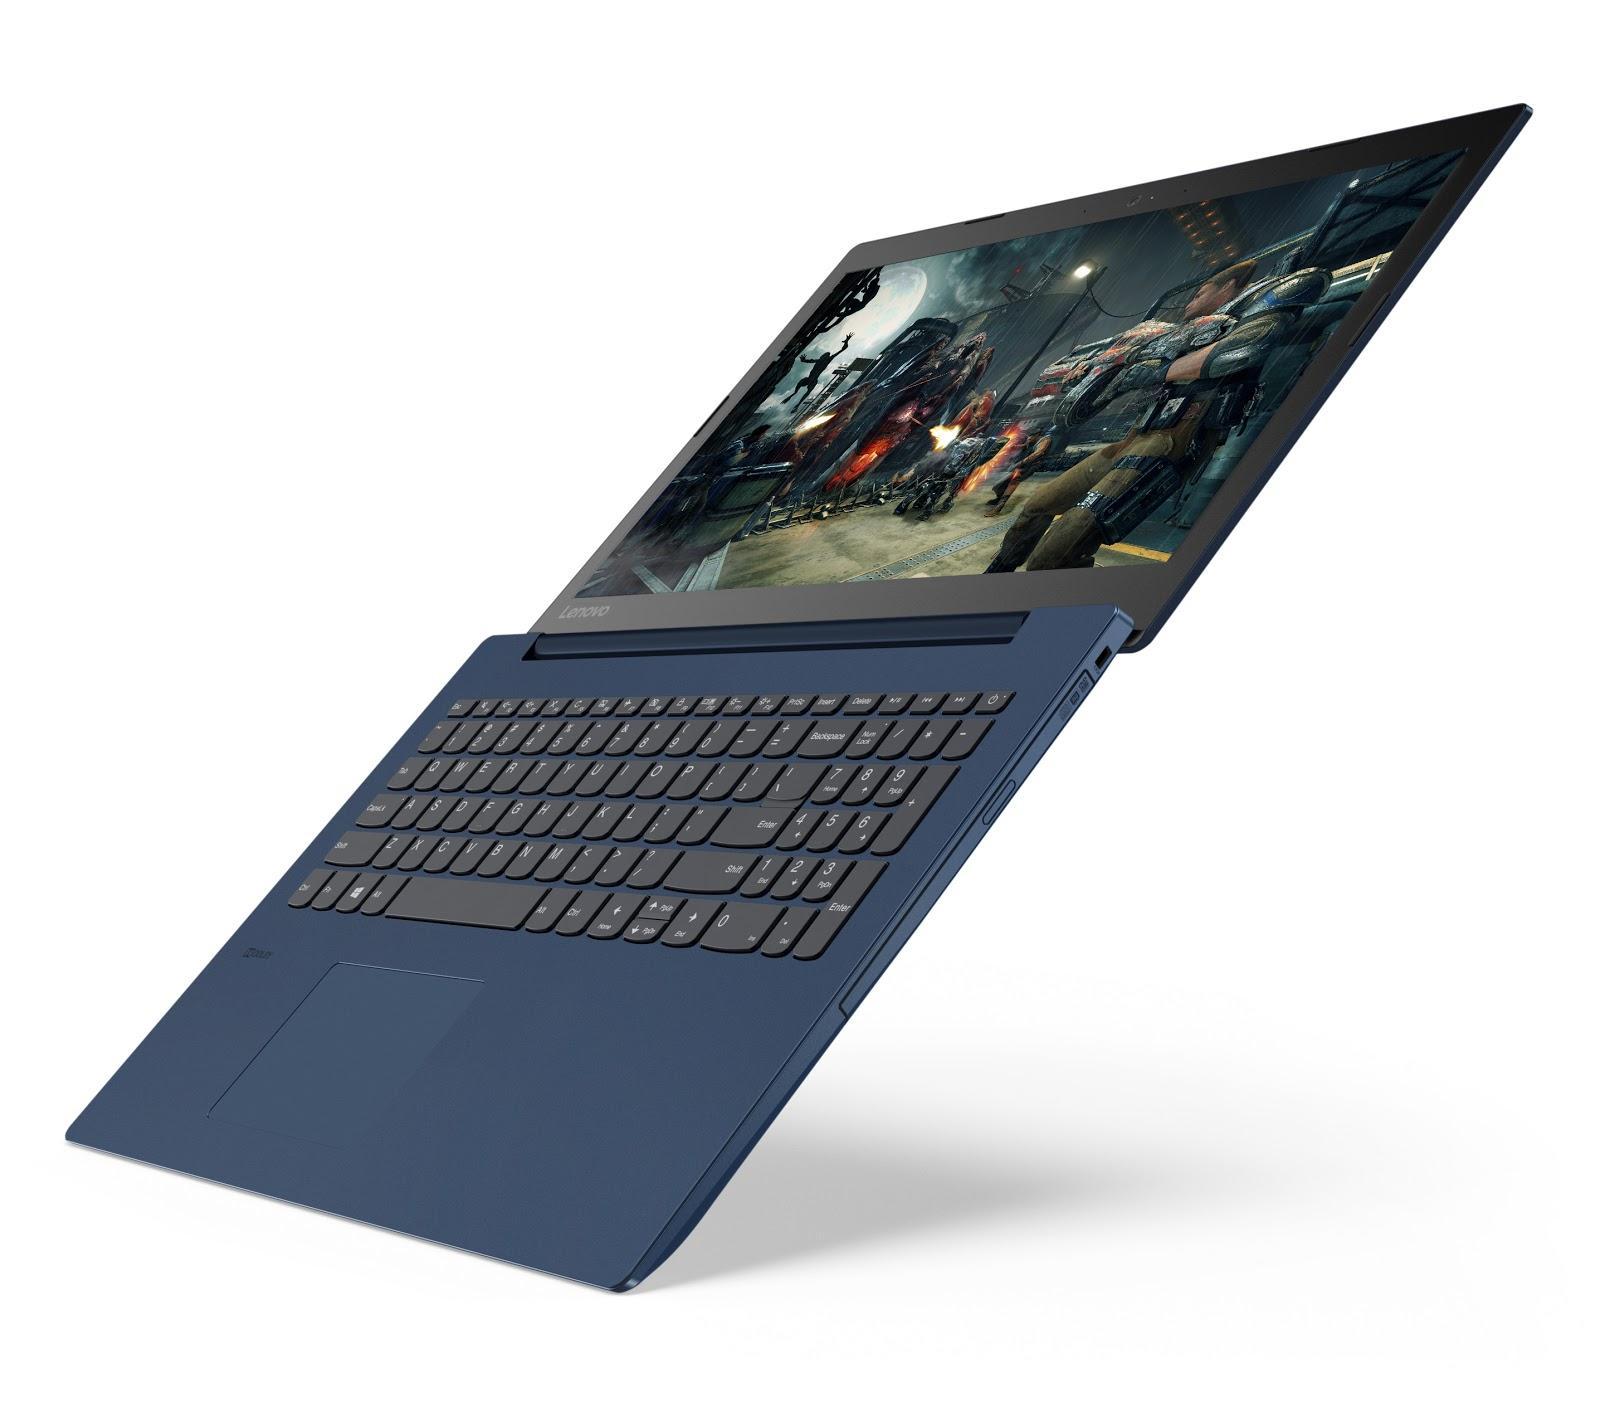 Фото 3. Ноутбук Lenovo ideapad 330-15 Midnight Blue (81DE01WBRA)